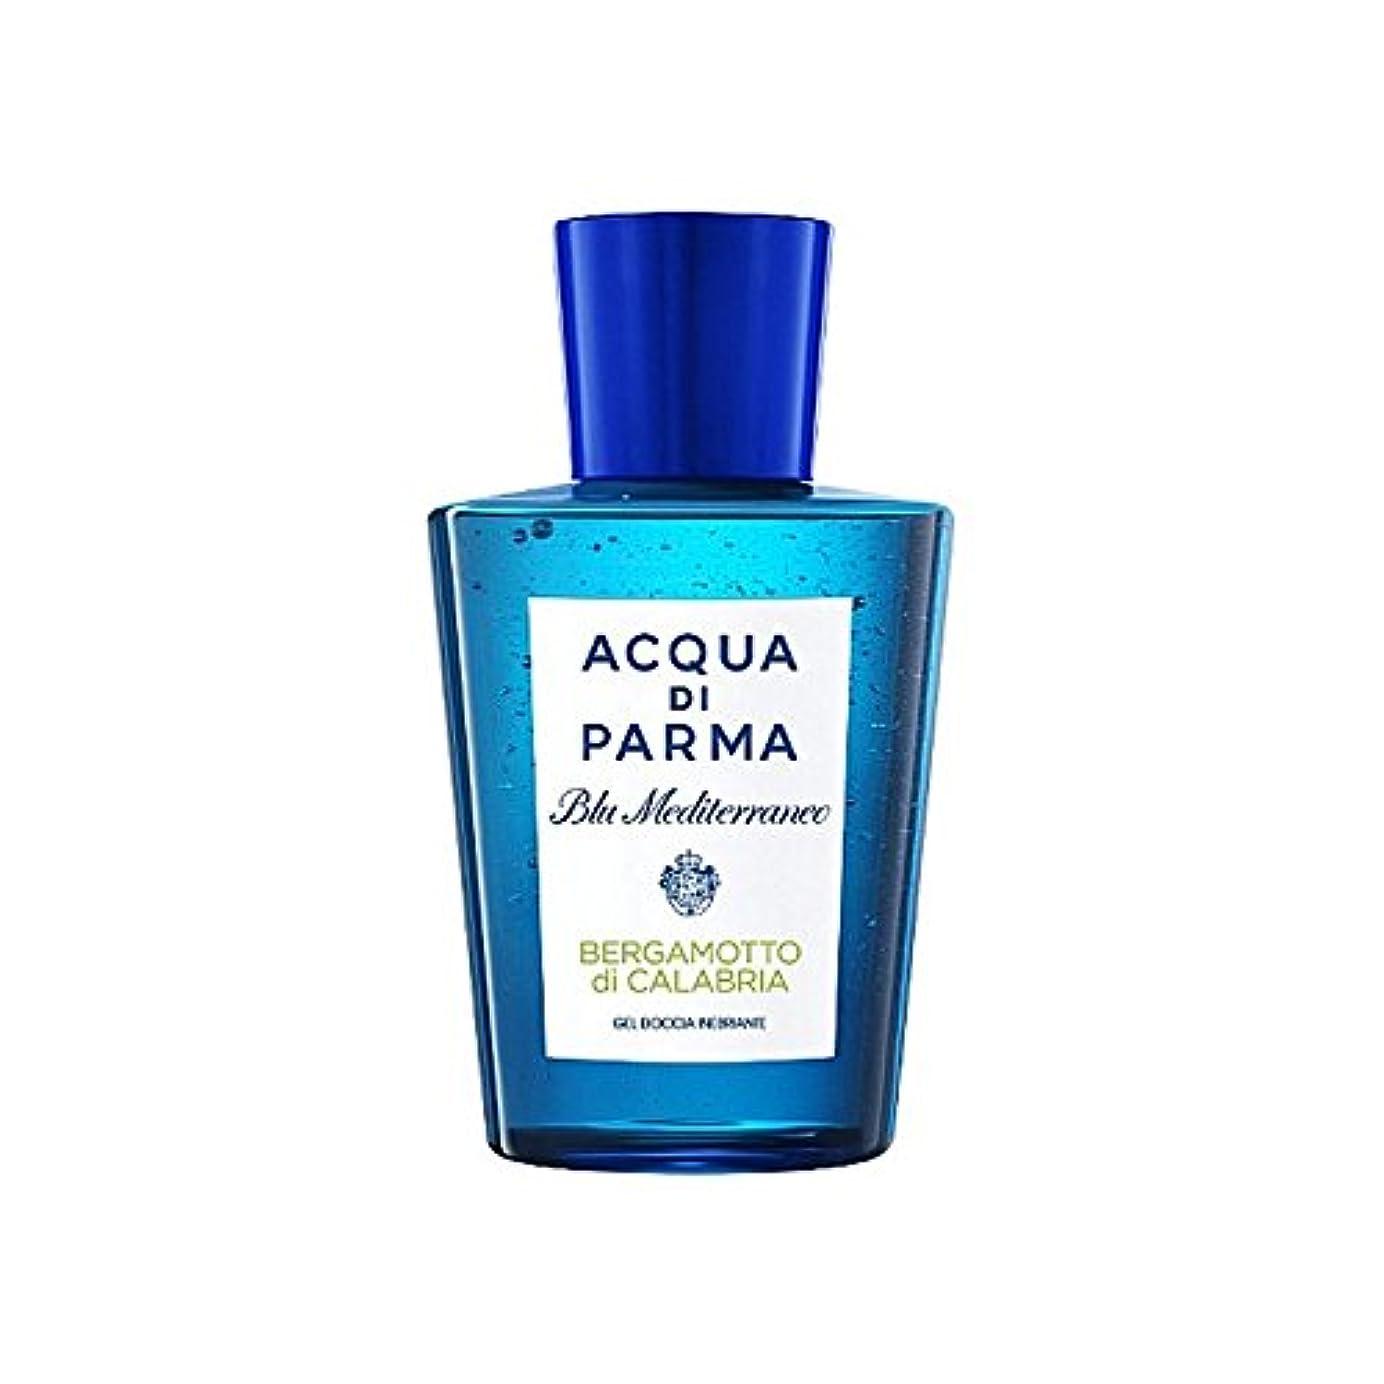 ファンタジー定期的胚芽Acqua Di Parma Blu Mediterraneo Bergamotto Di Calabria Shower Gel 200ml (Pack of 6) - アクアディパルマブルーメディのディカラブリアシャワージェル200 x6 [並行輸入品]